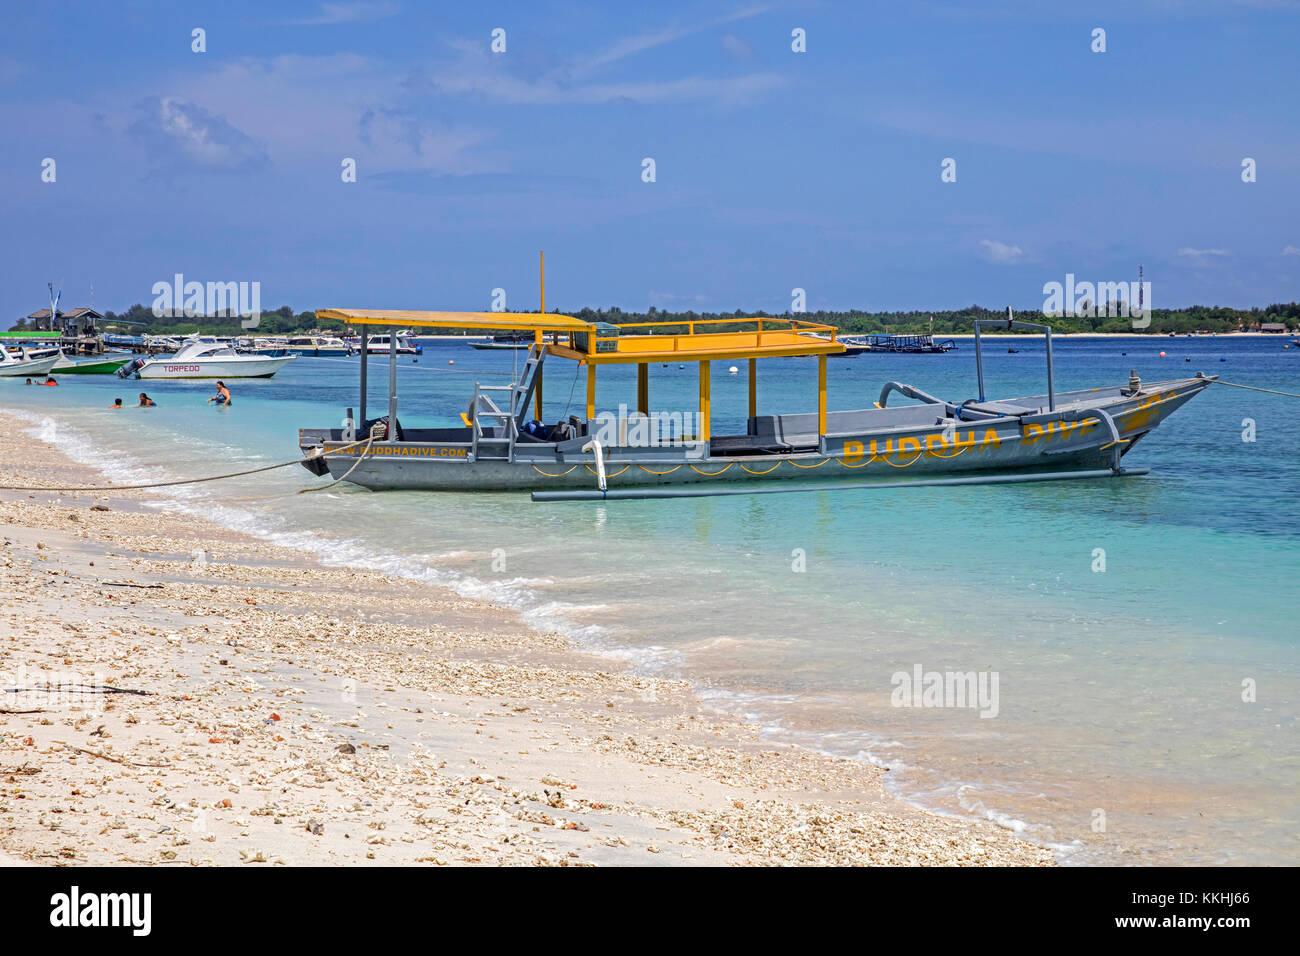 Outrigger Bateau de tourisme sur l'île Gili Trawangan, la plus grande des îles Gili de Lombok, Indonésie Photo Stock